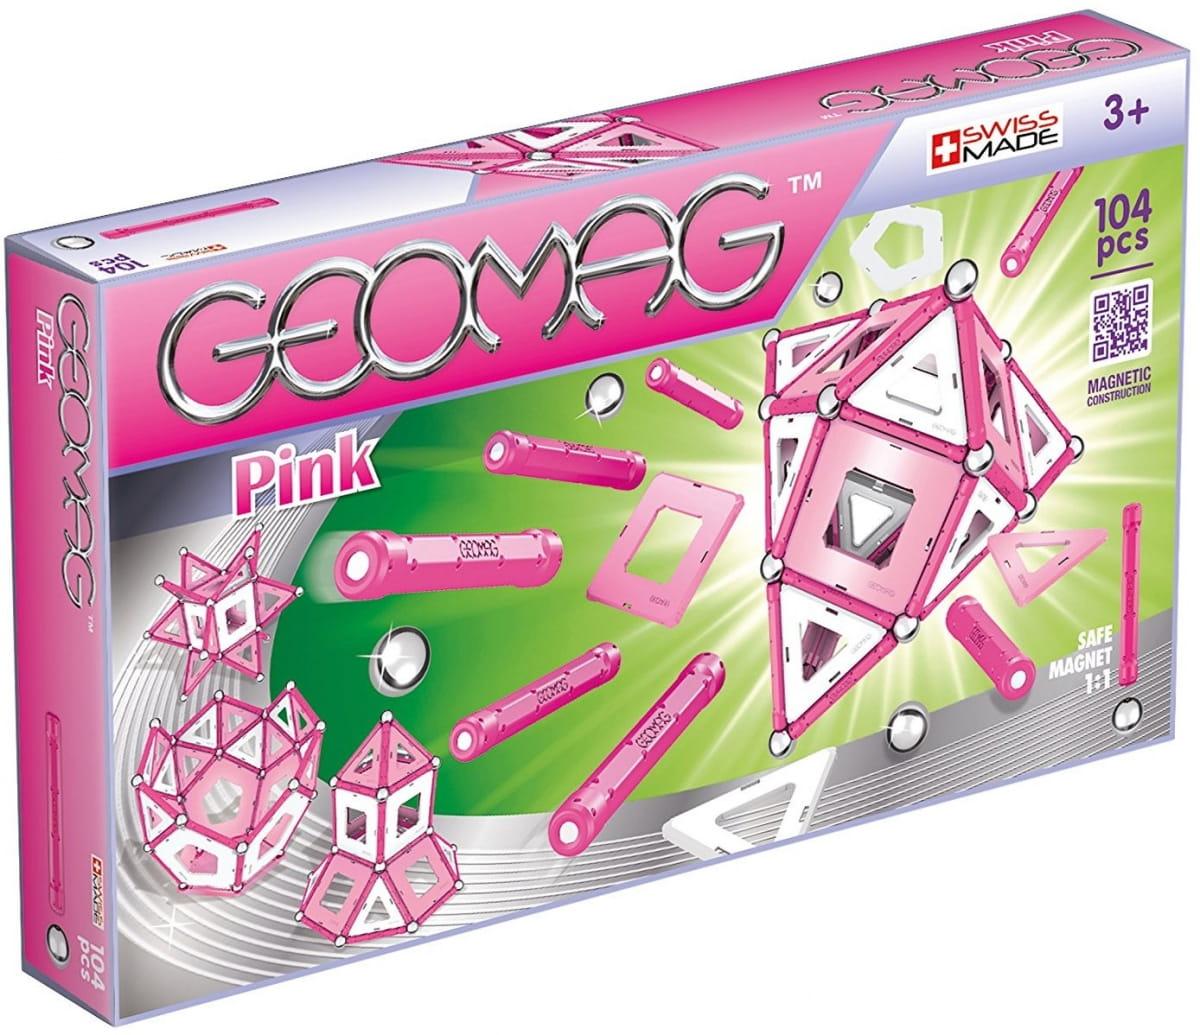 Магнитный конструктор GEOMAG Pink  104 детали - Магнитные конструкторы